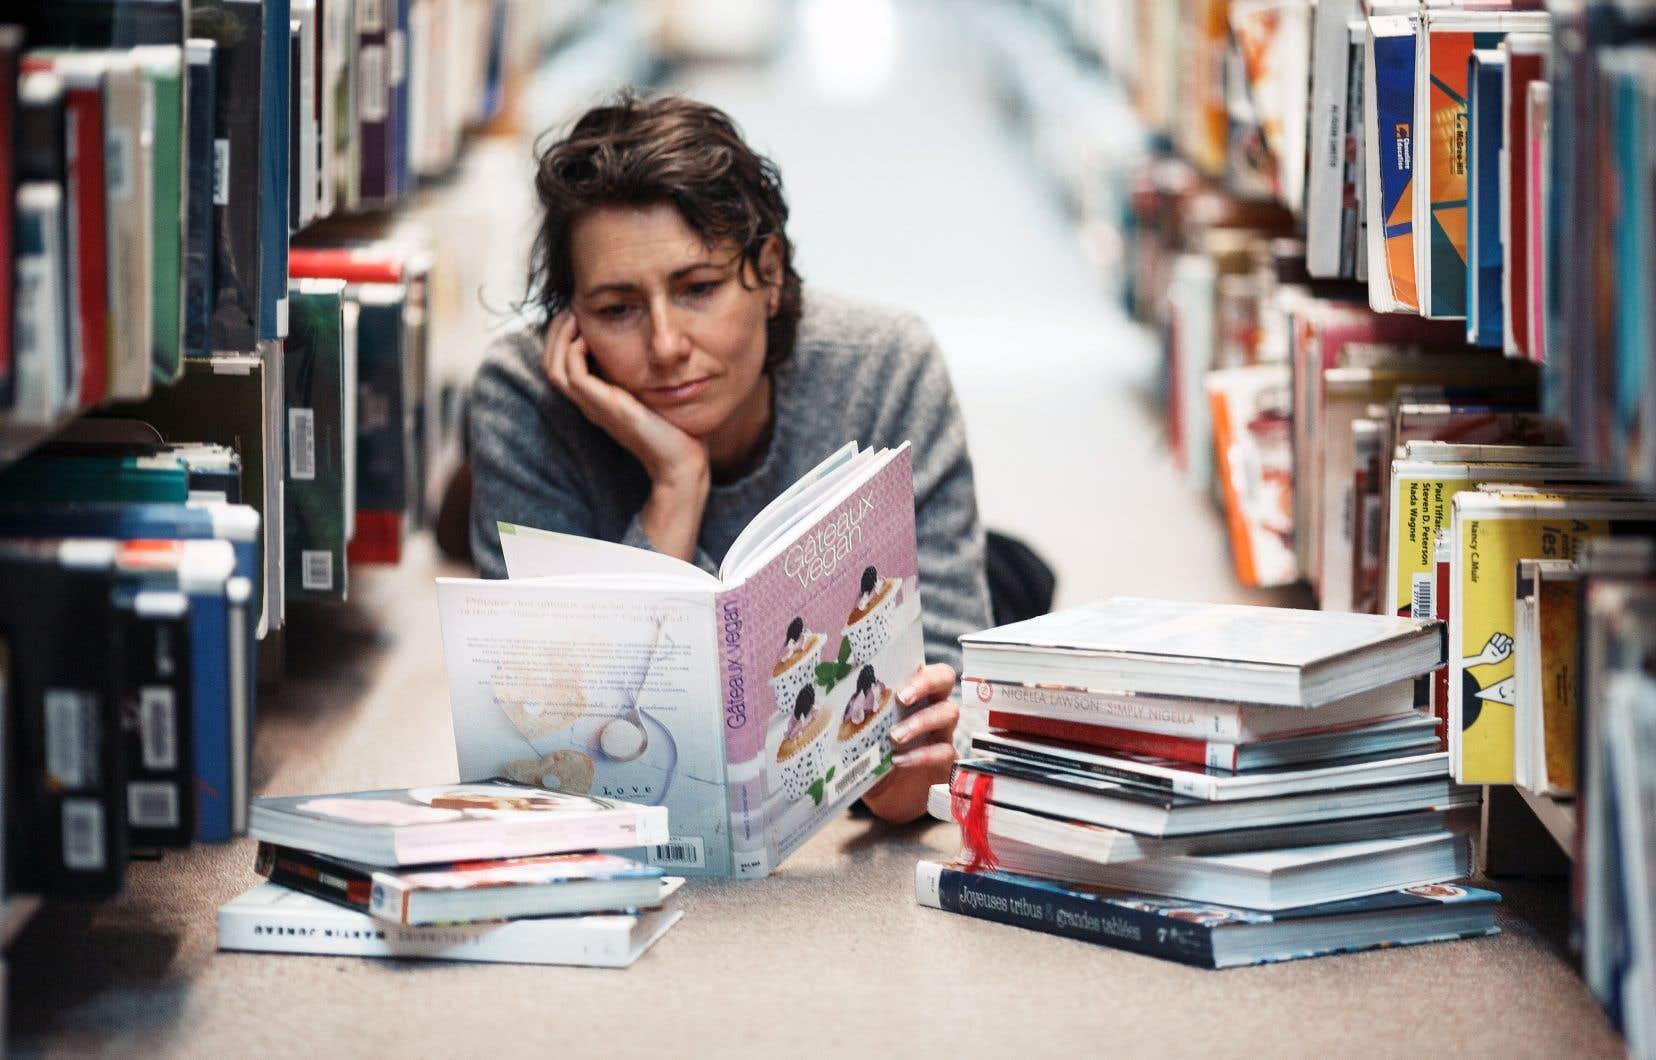 Pour Catherine Lalonde, les bibliothèques servent d'exutoire, tout en répondant à son désir de consommer moins.